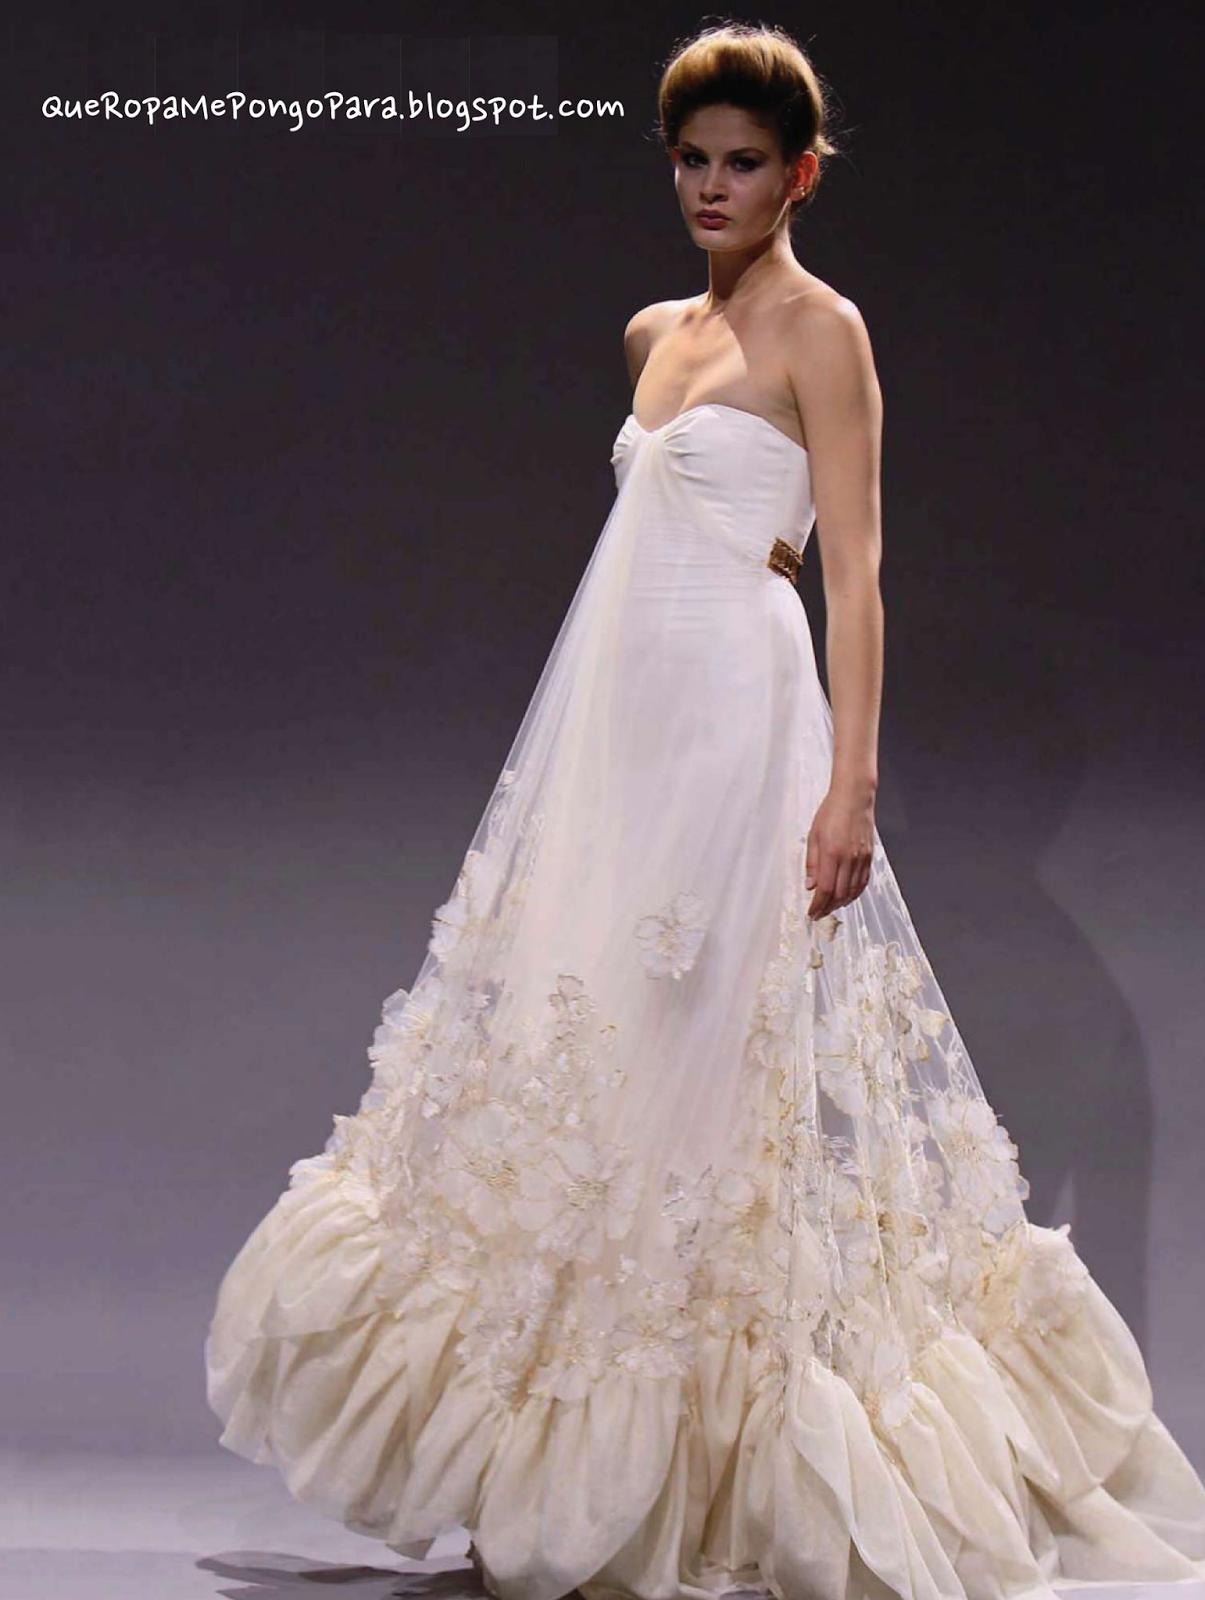 TIPS MATRIMONIALES Ideas para un vestido de boda